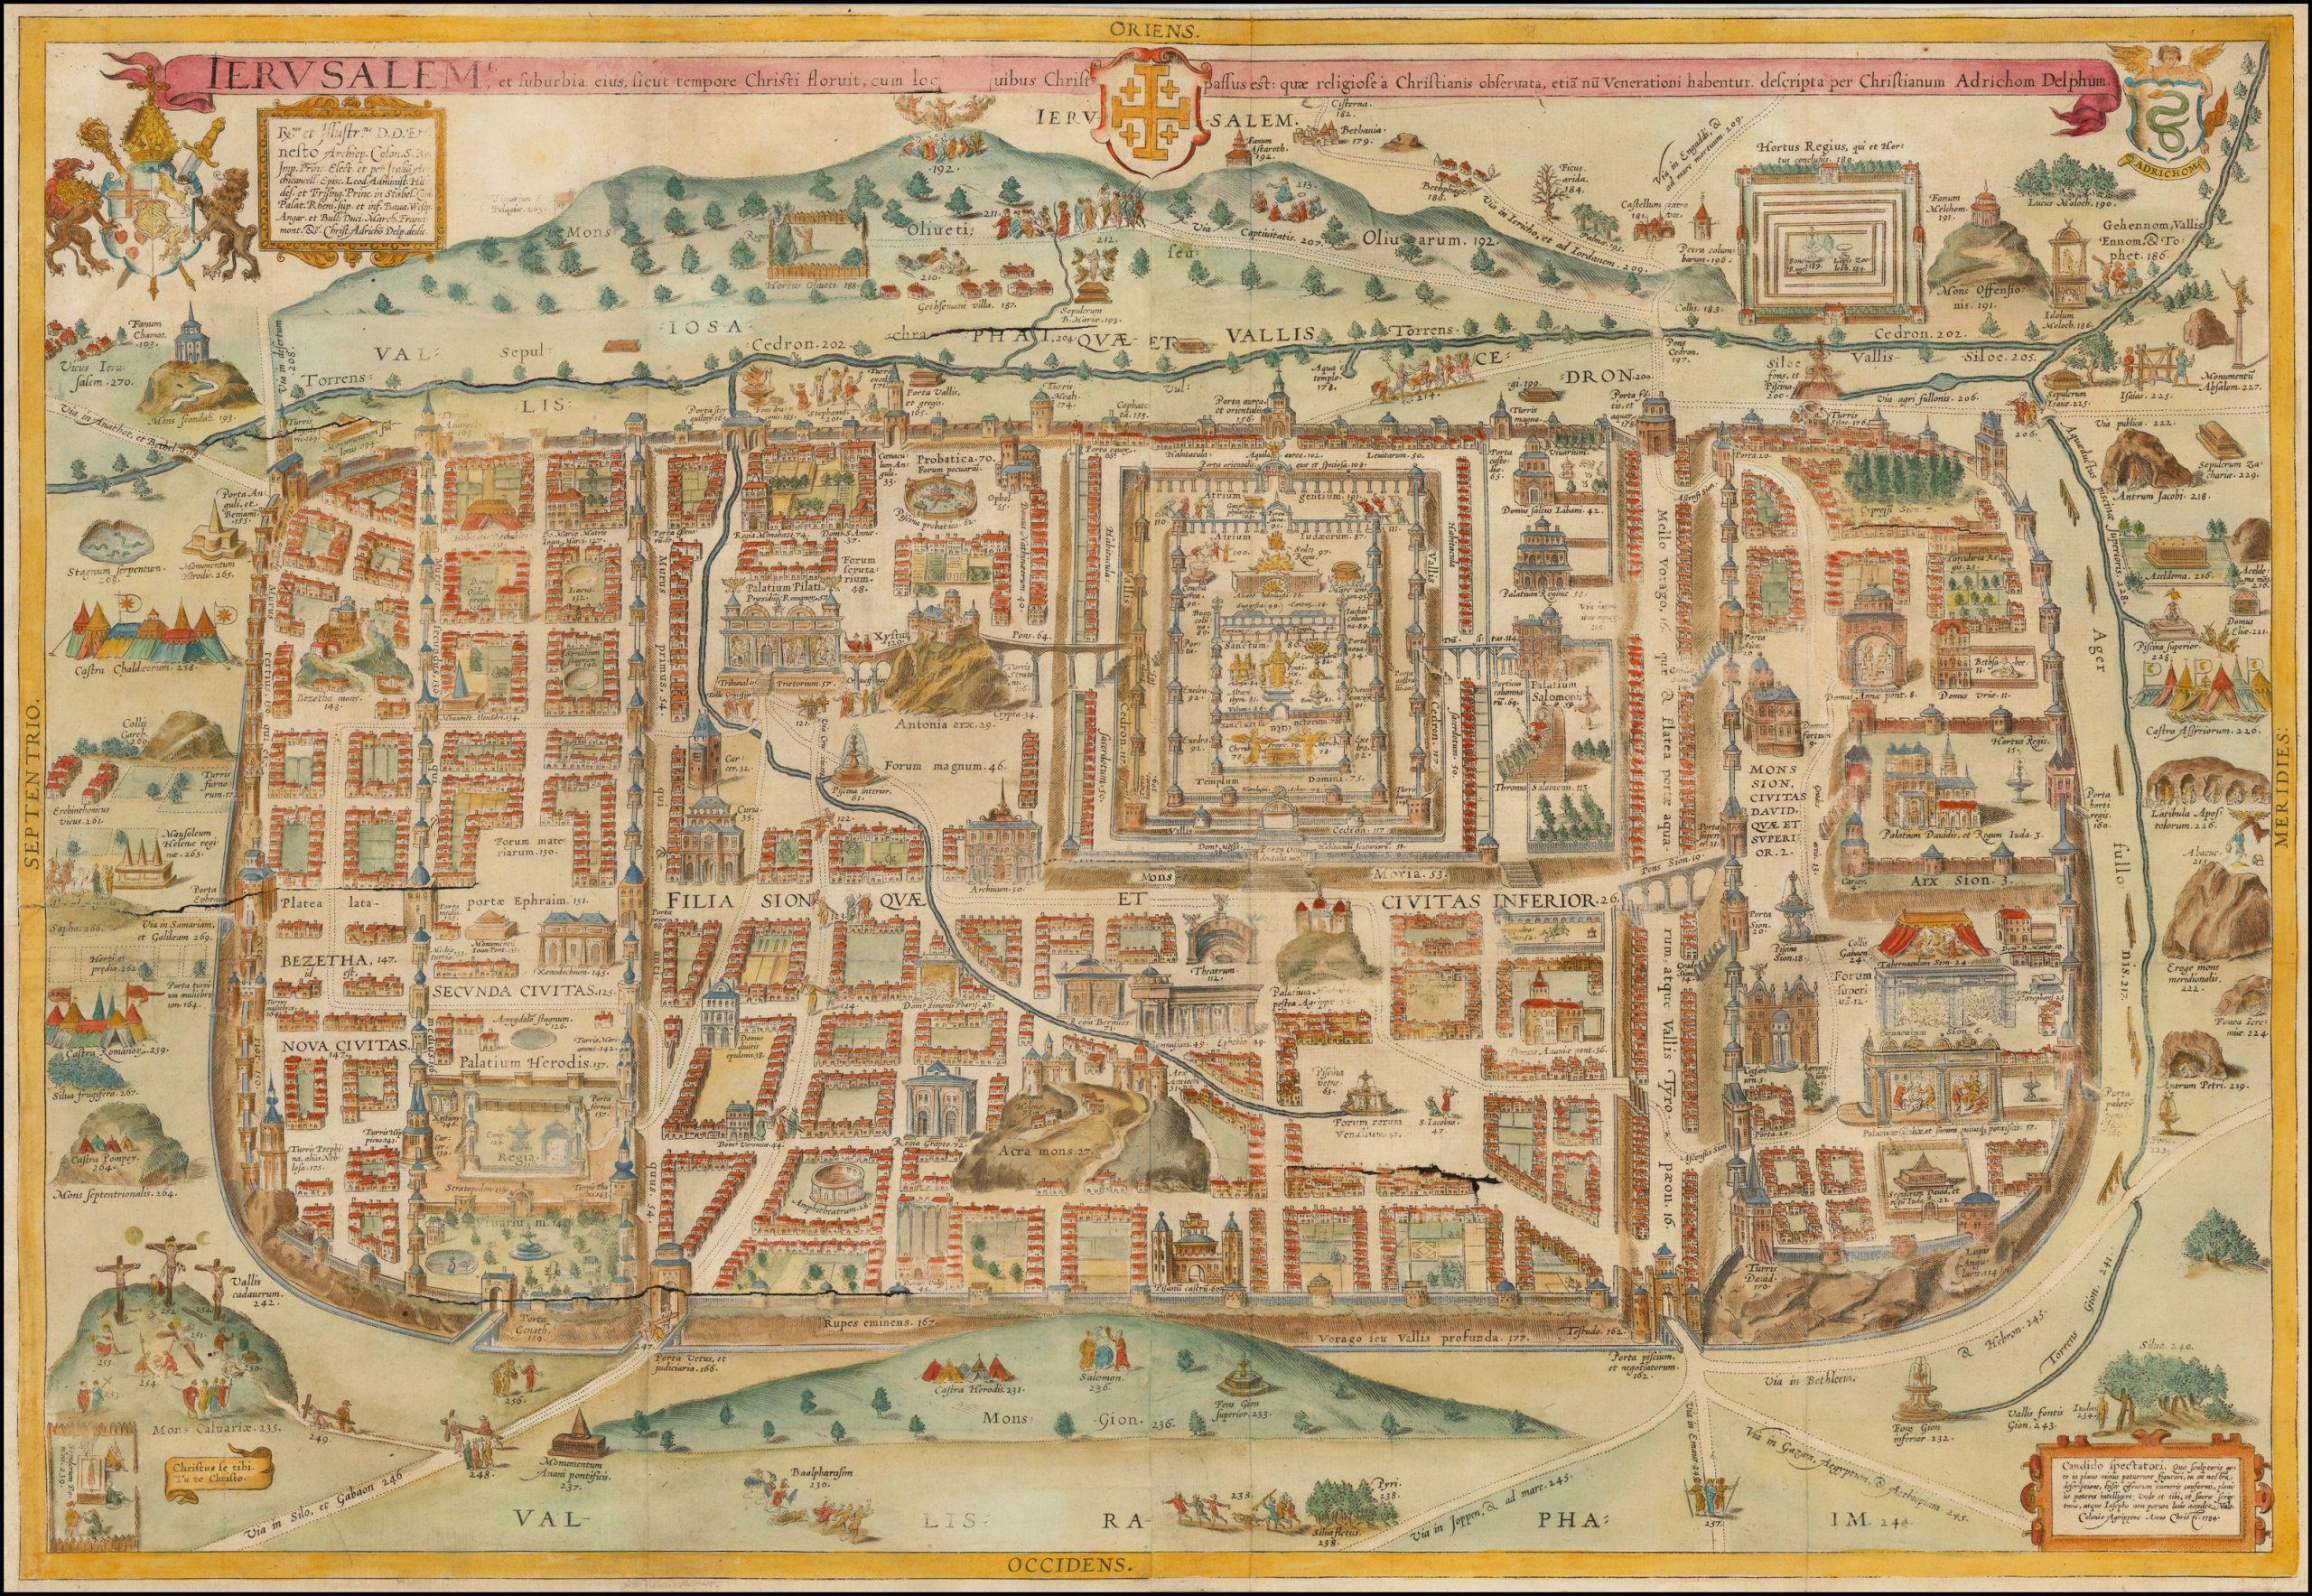 раскрашенный вручную пример плана древнего Иерусалима и его окрестностей во времена Иисуса Христа - карта Кристана Ван Адрихома